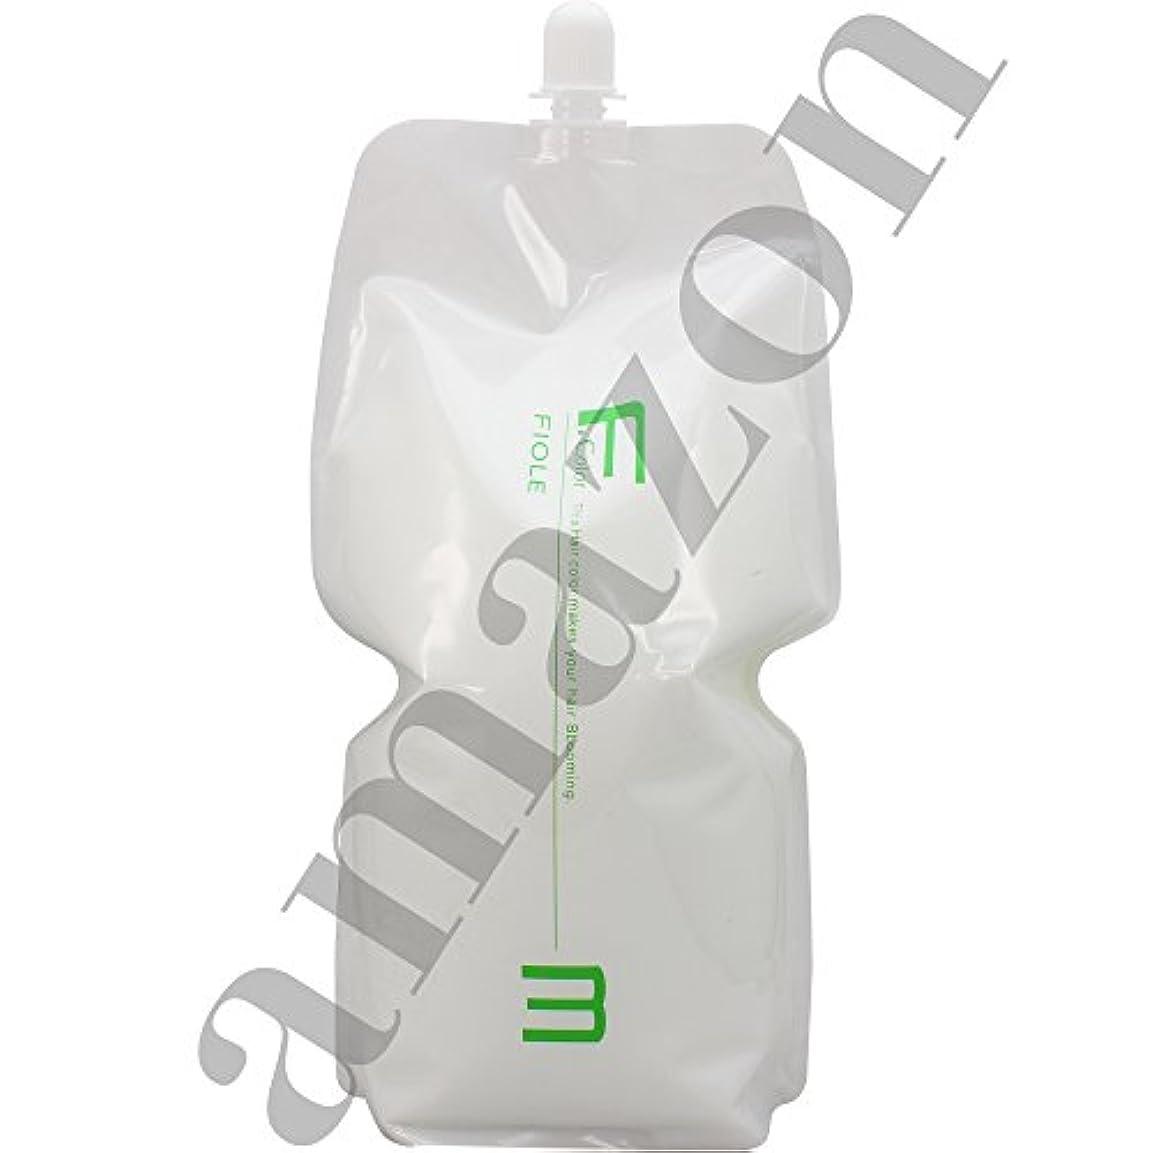 パラダイスピラミッド避難フィヨーレ BLカラー OX 2000ml 染毛補助剤 第2剤 パウチ (OX3%)